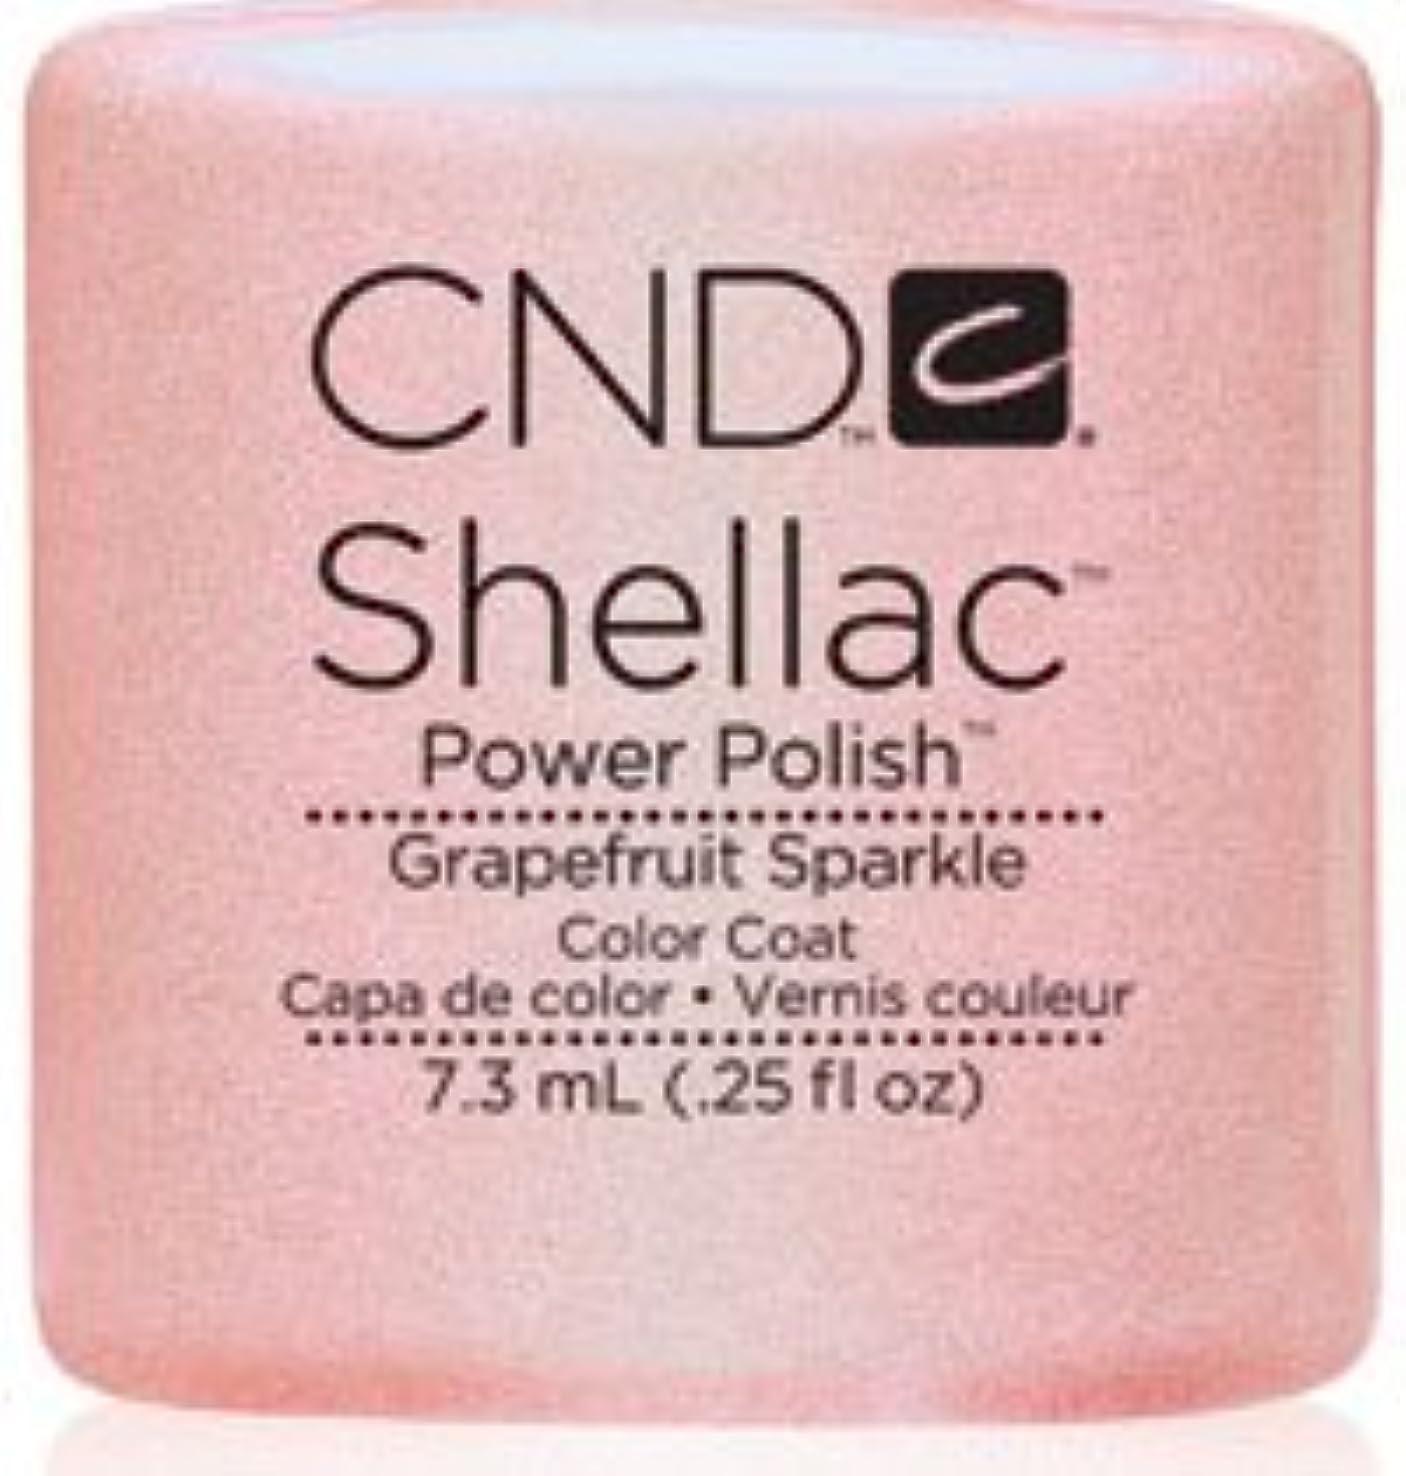 CND シェラック UVカラーコート 7.3ml<BR>113 グレープフルーツスパークル